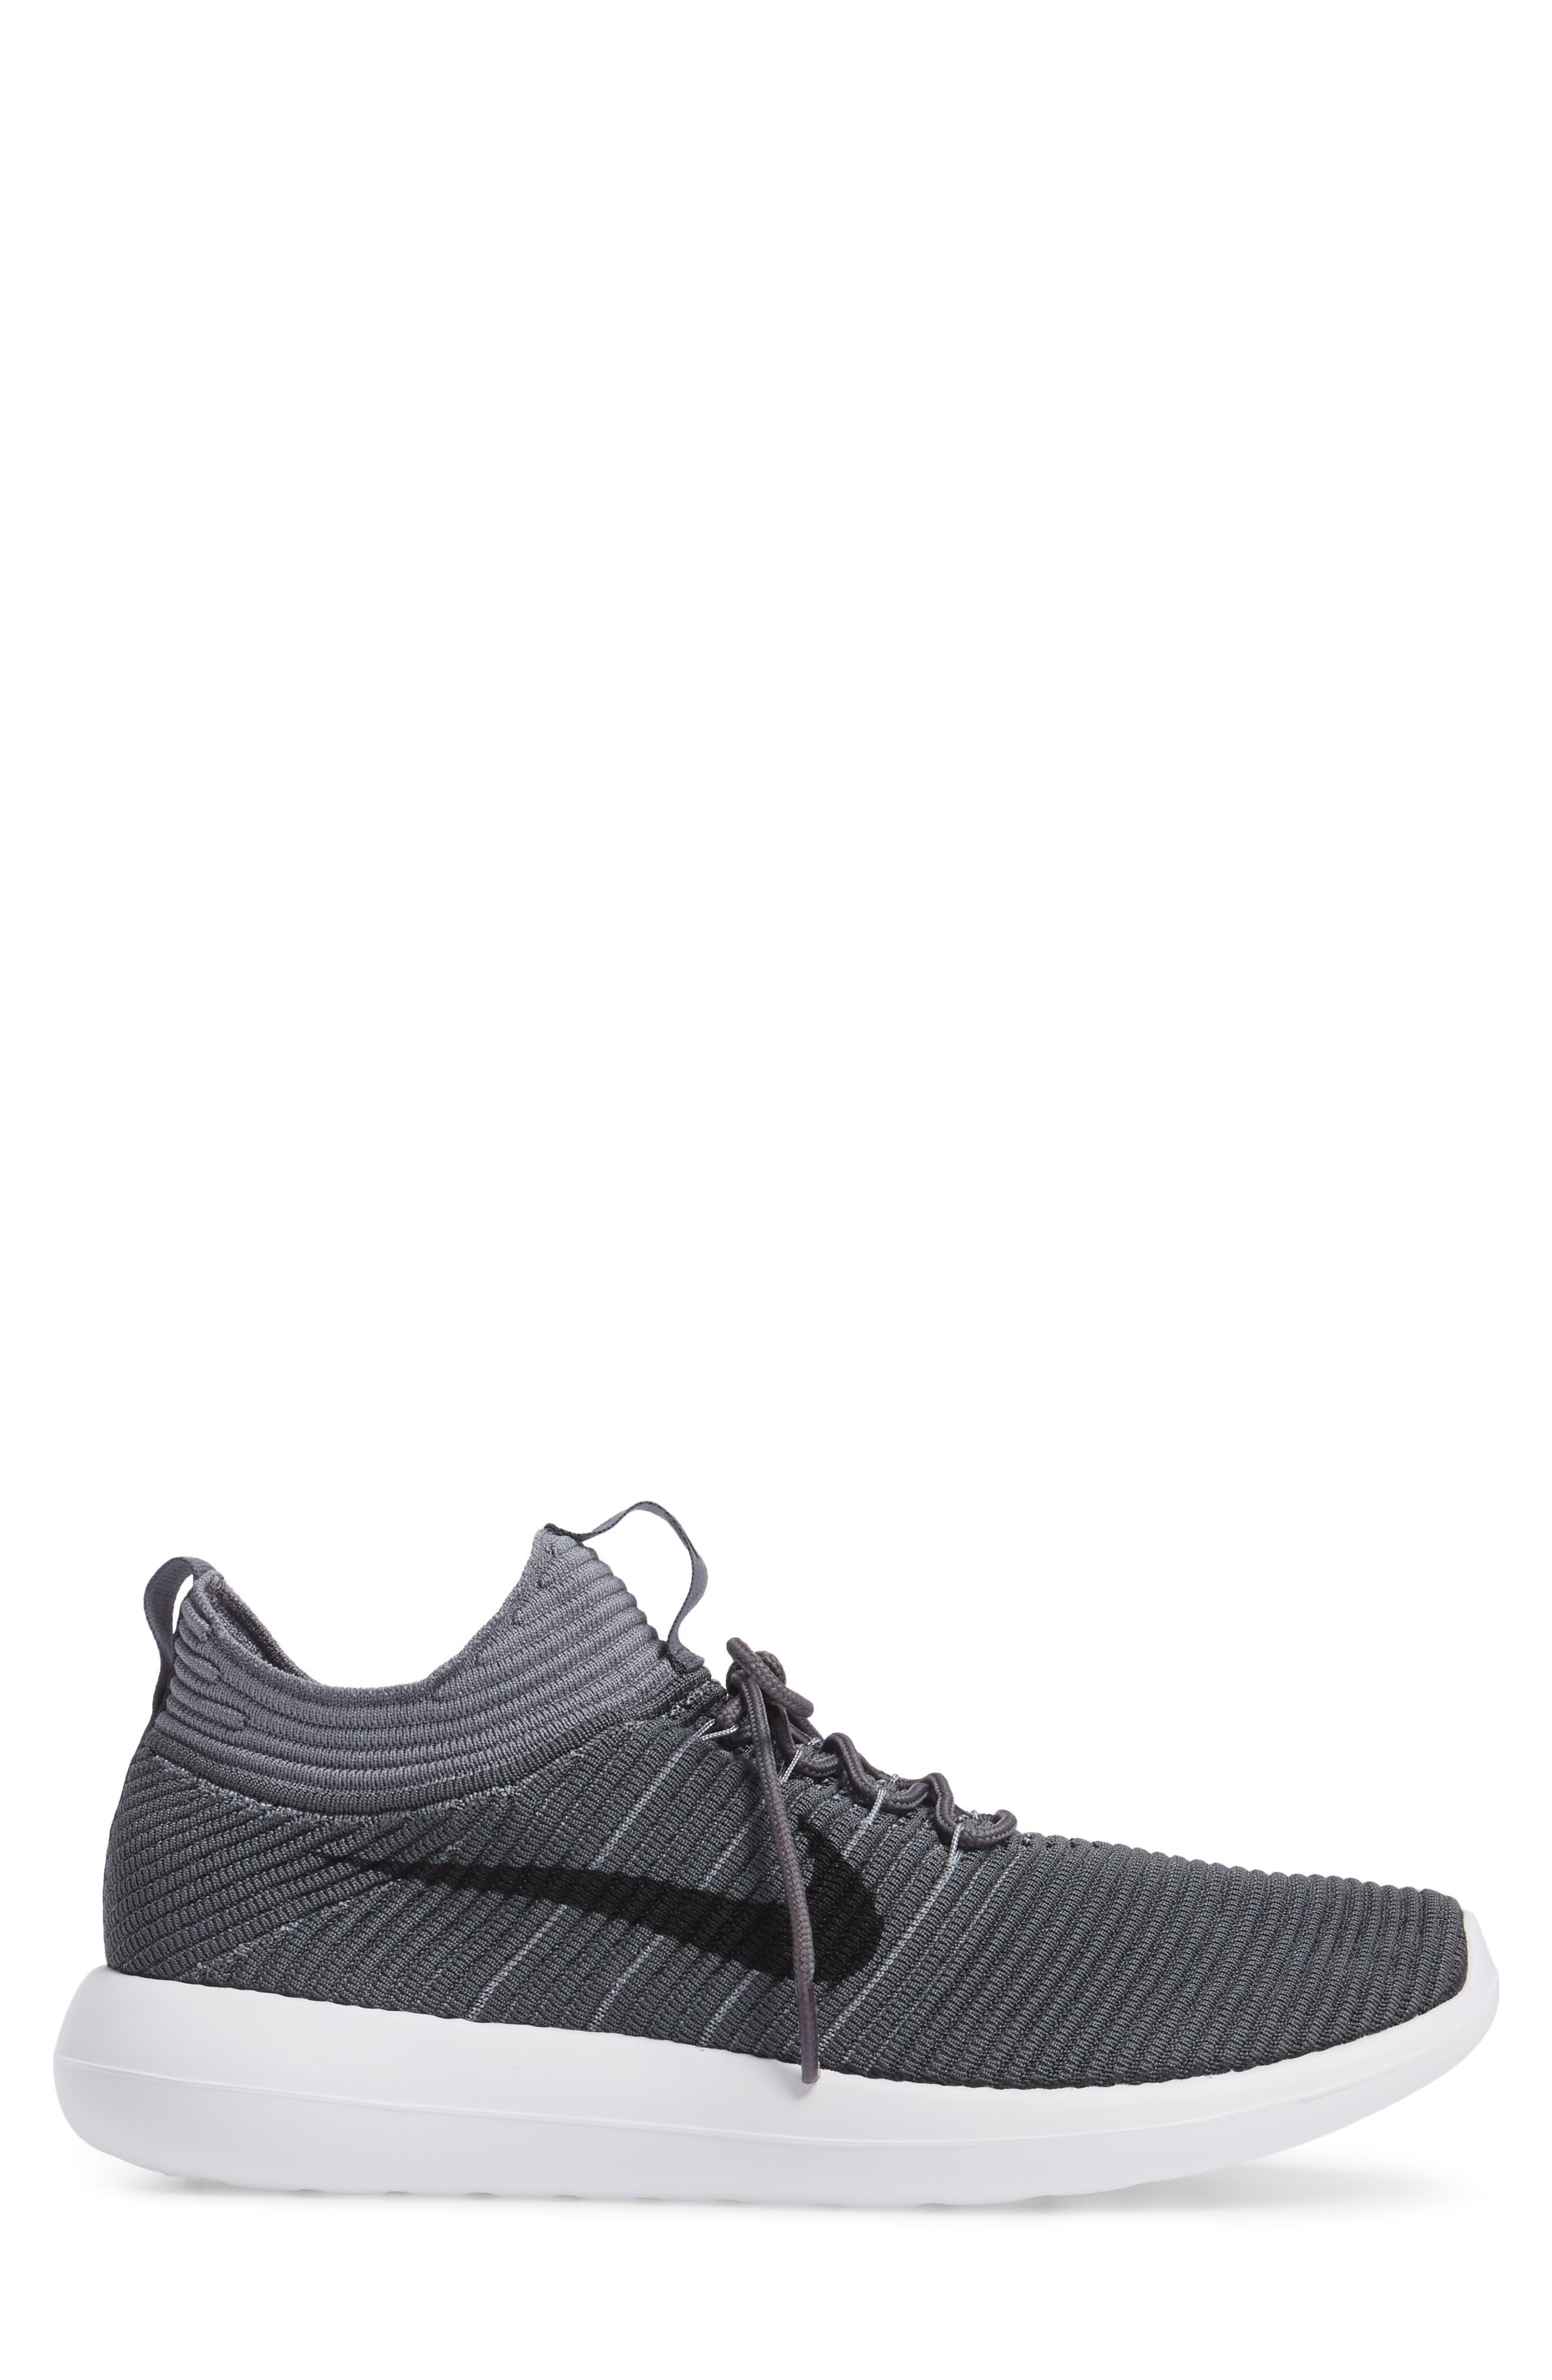 Alternate Image 3  - Nike Roshe Two Flyknit V2 Sneaker (Men)